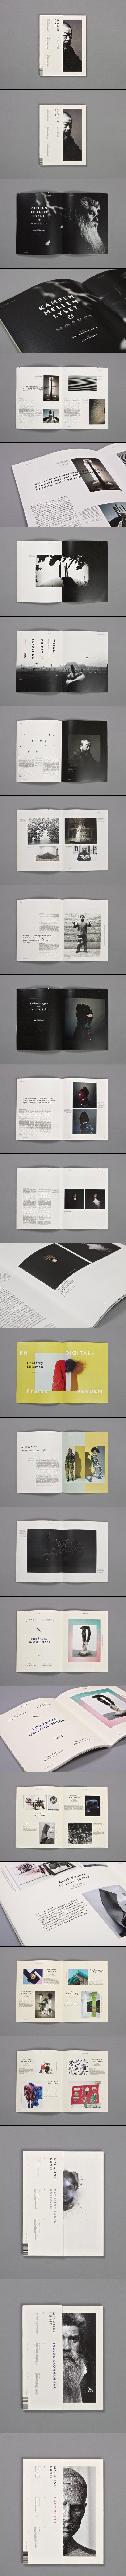 日本简约有品味文化画册版式设计欣赏